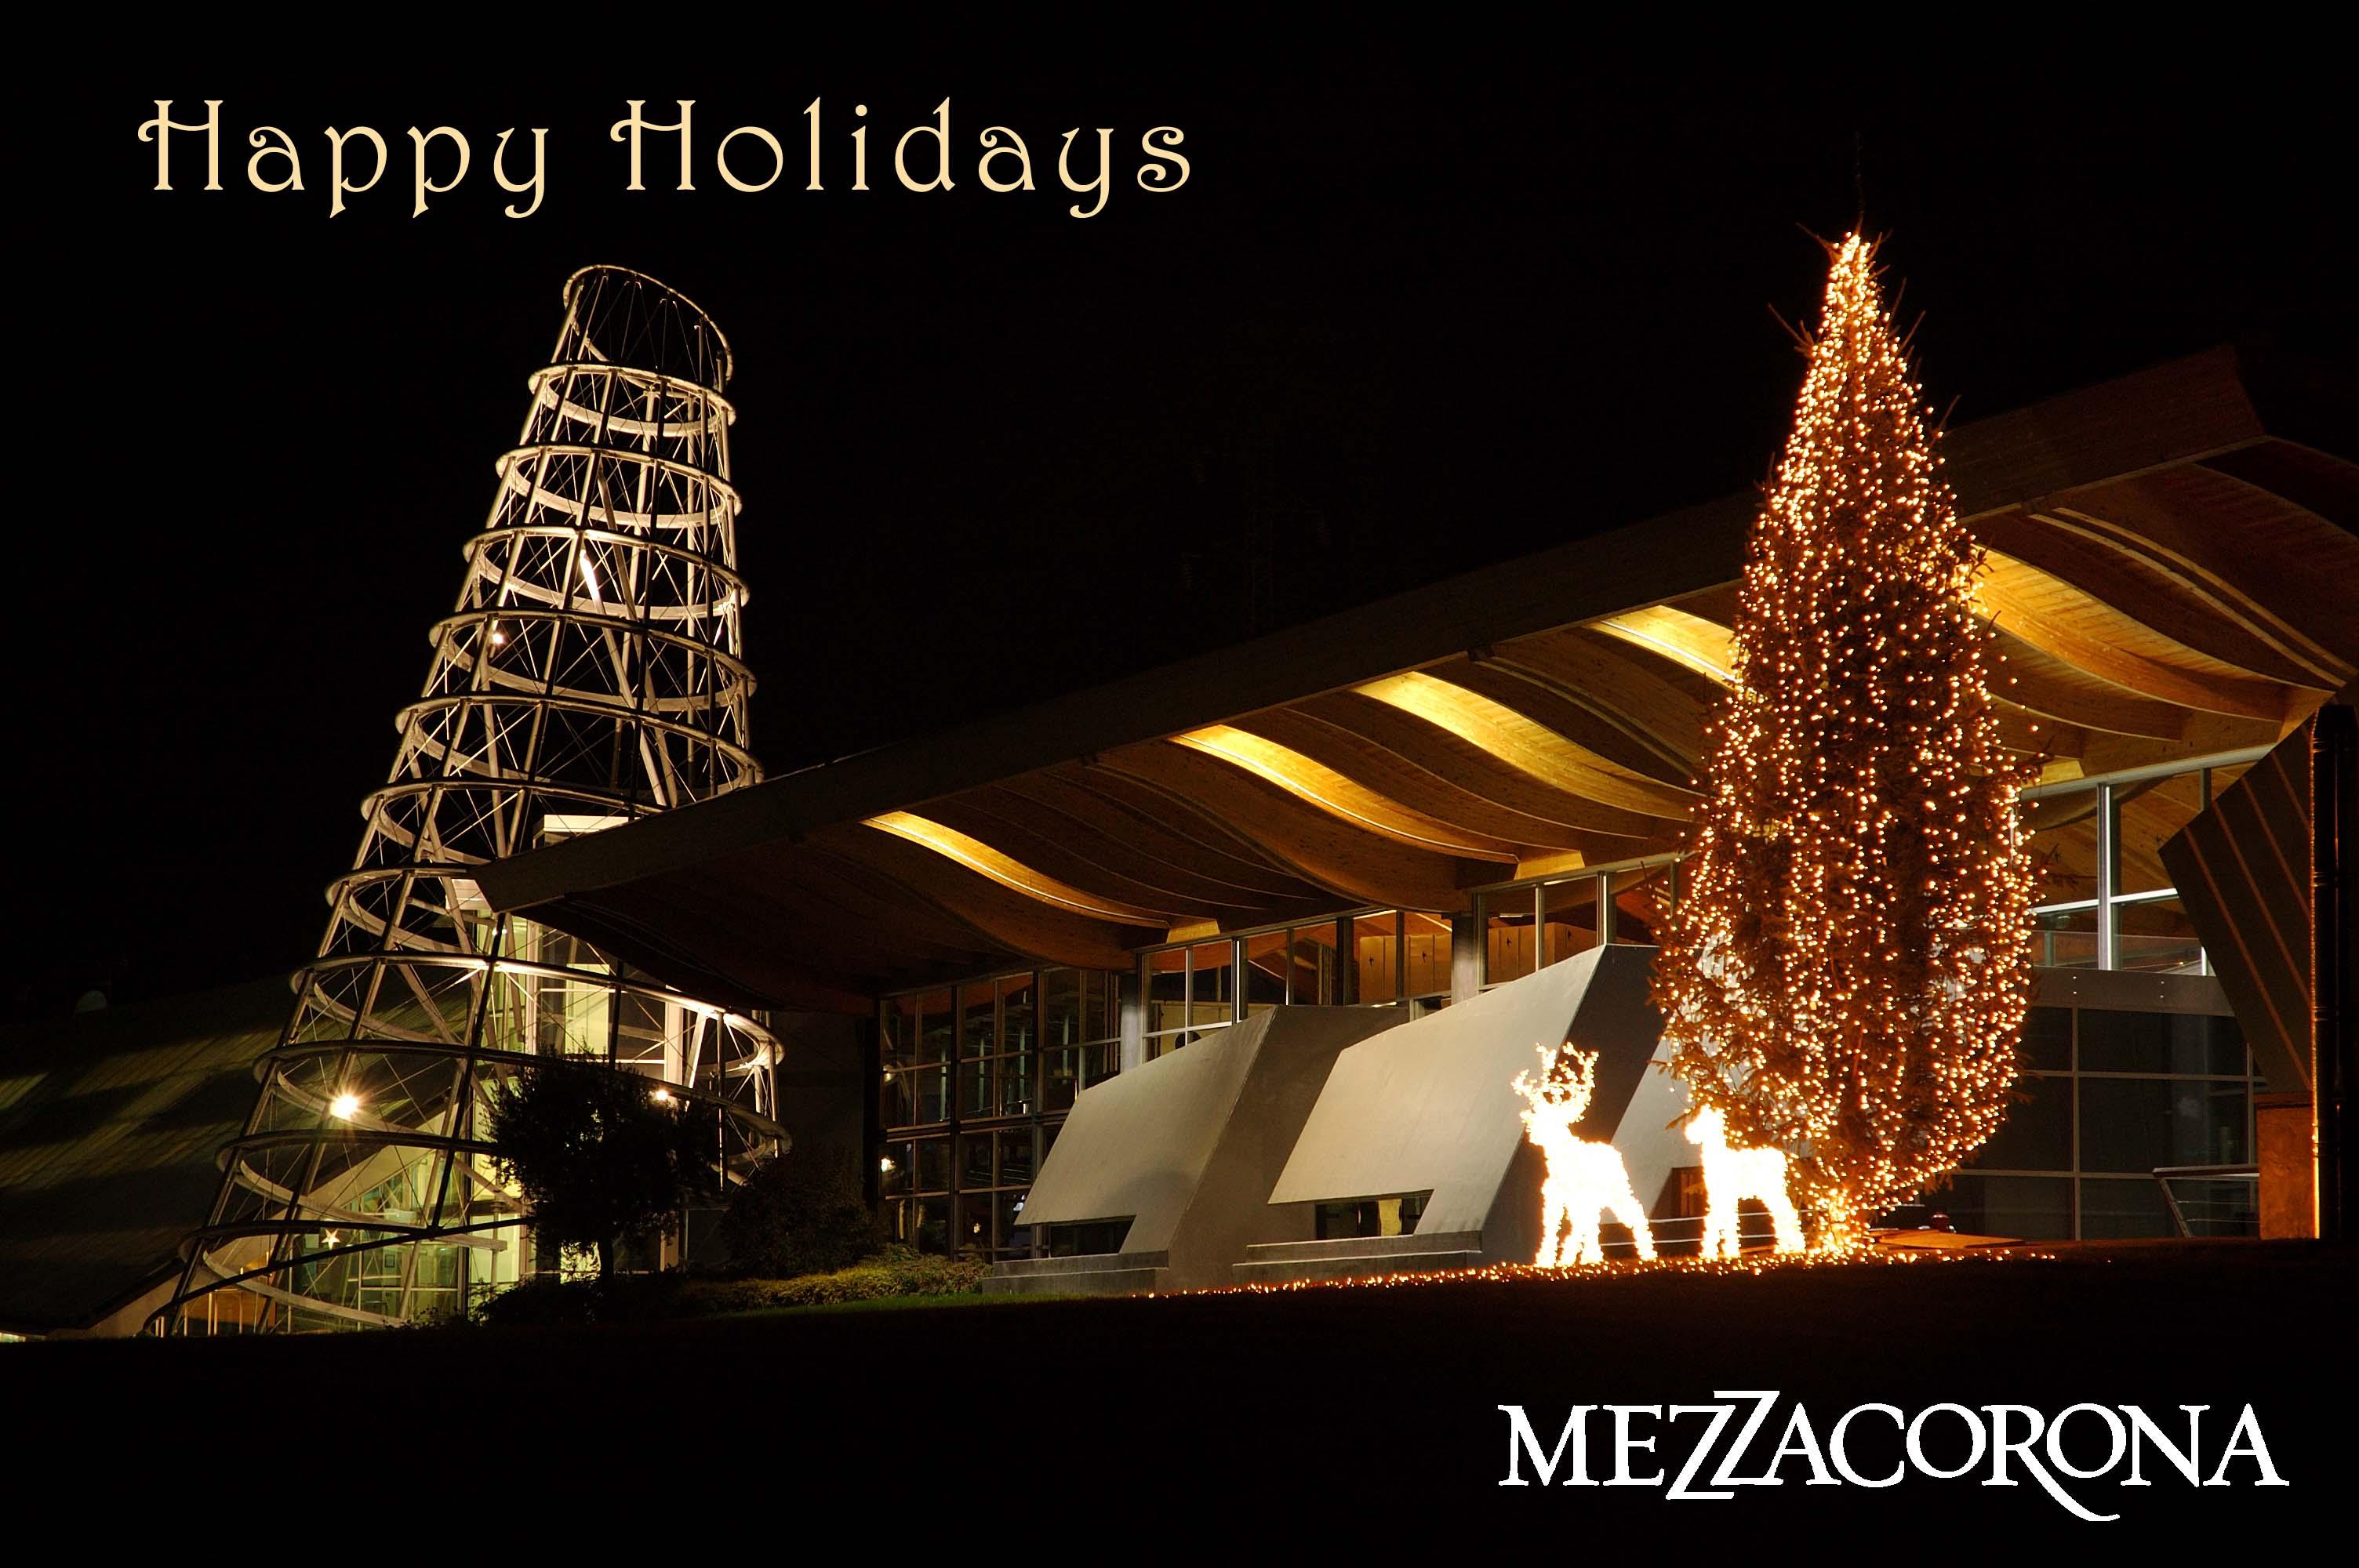 68_Happy Holidays from Mezzacorona - Copia